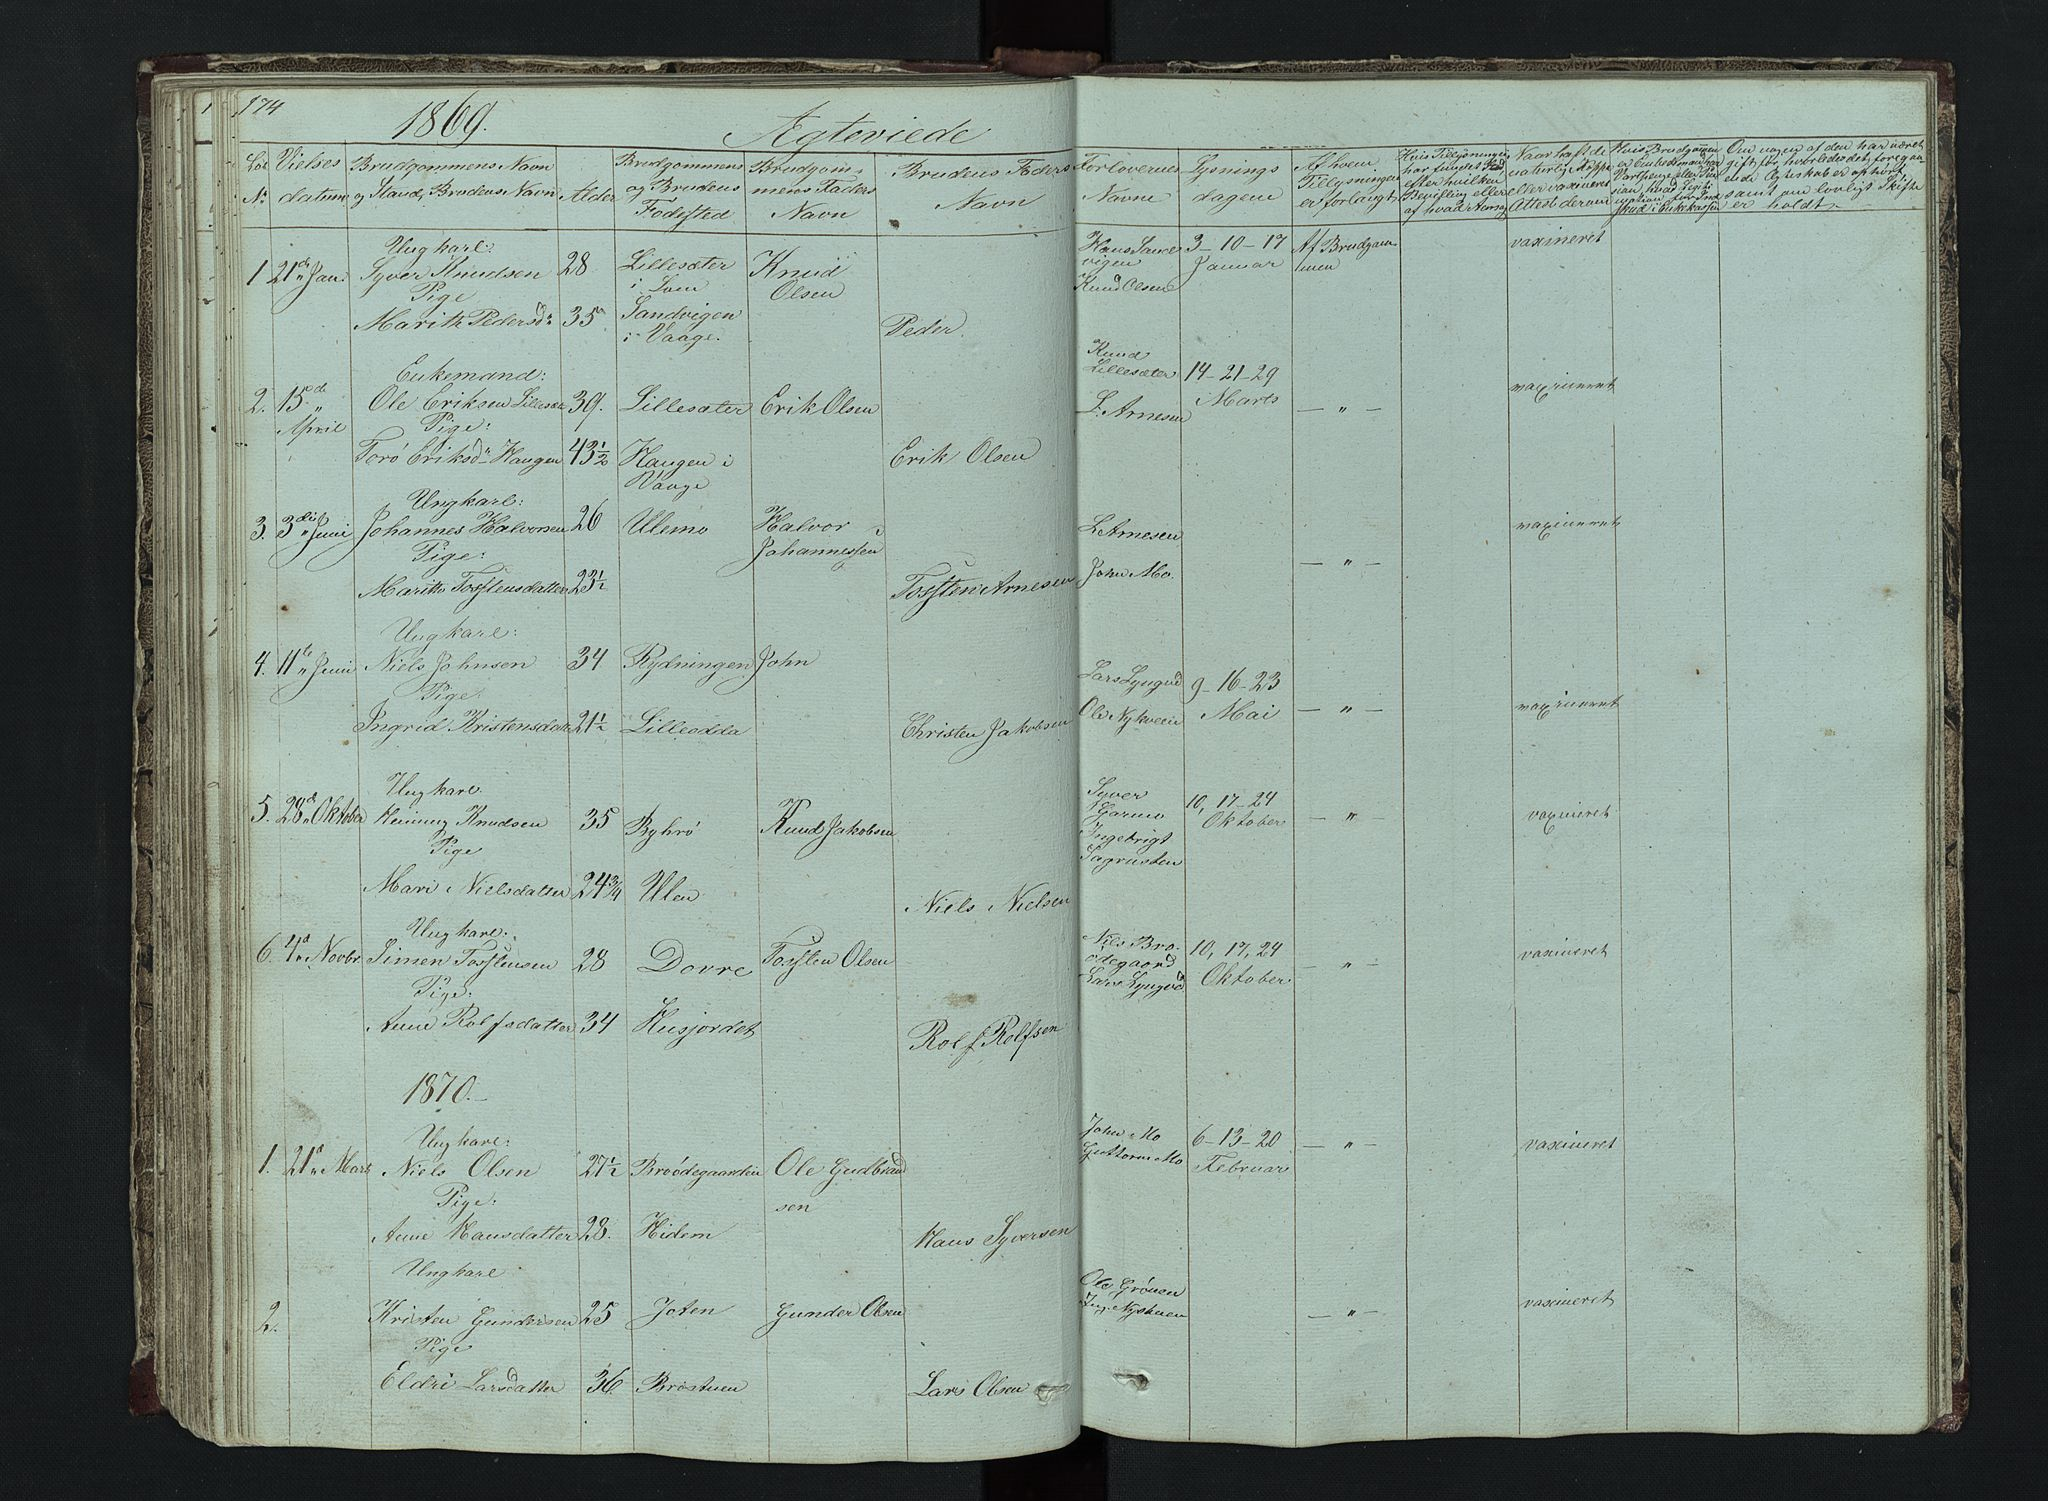 SAH, Lom prestekontor, L/L0014: Klokkerbok nr. 14, 1845-1876, s. 174-175